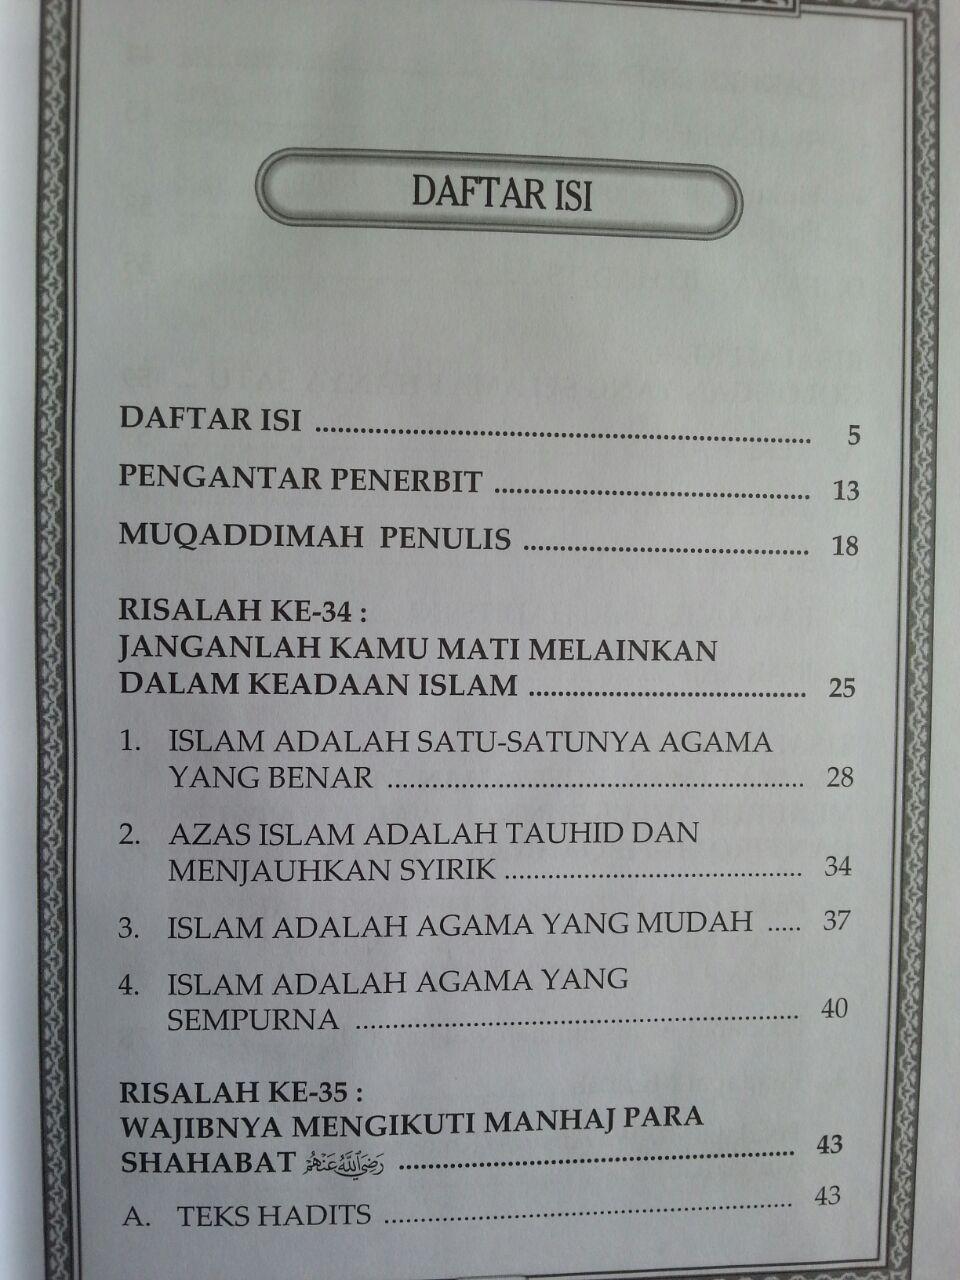 Buku Ar Rasaa-il Kumpulan Risalah Aqidah Fiqih Dan Hukum isi 3